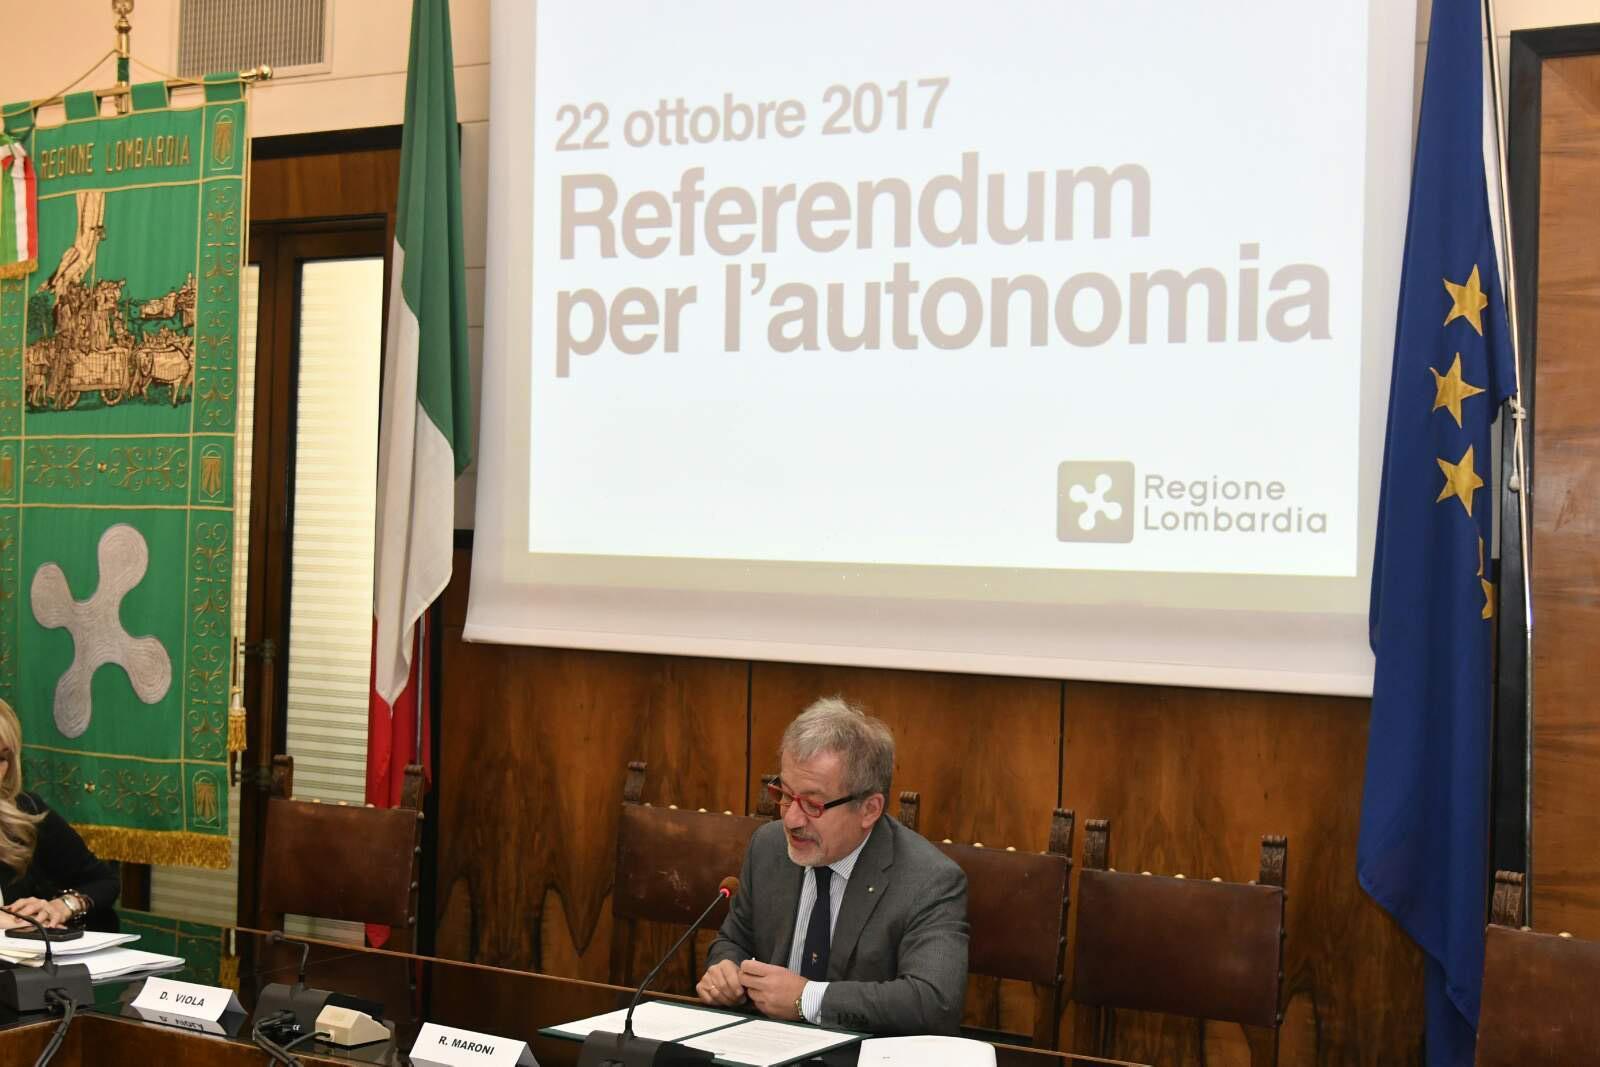 Referendum autonomia Lombardia, cosa cambia? Tutto quello che devi sapere sul voto del 22 ottobre